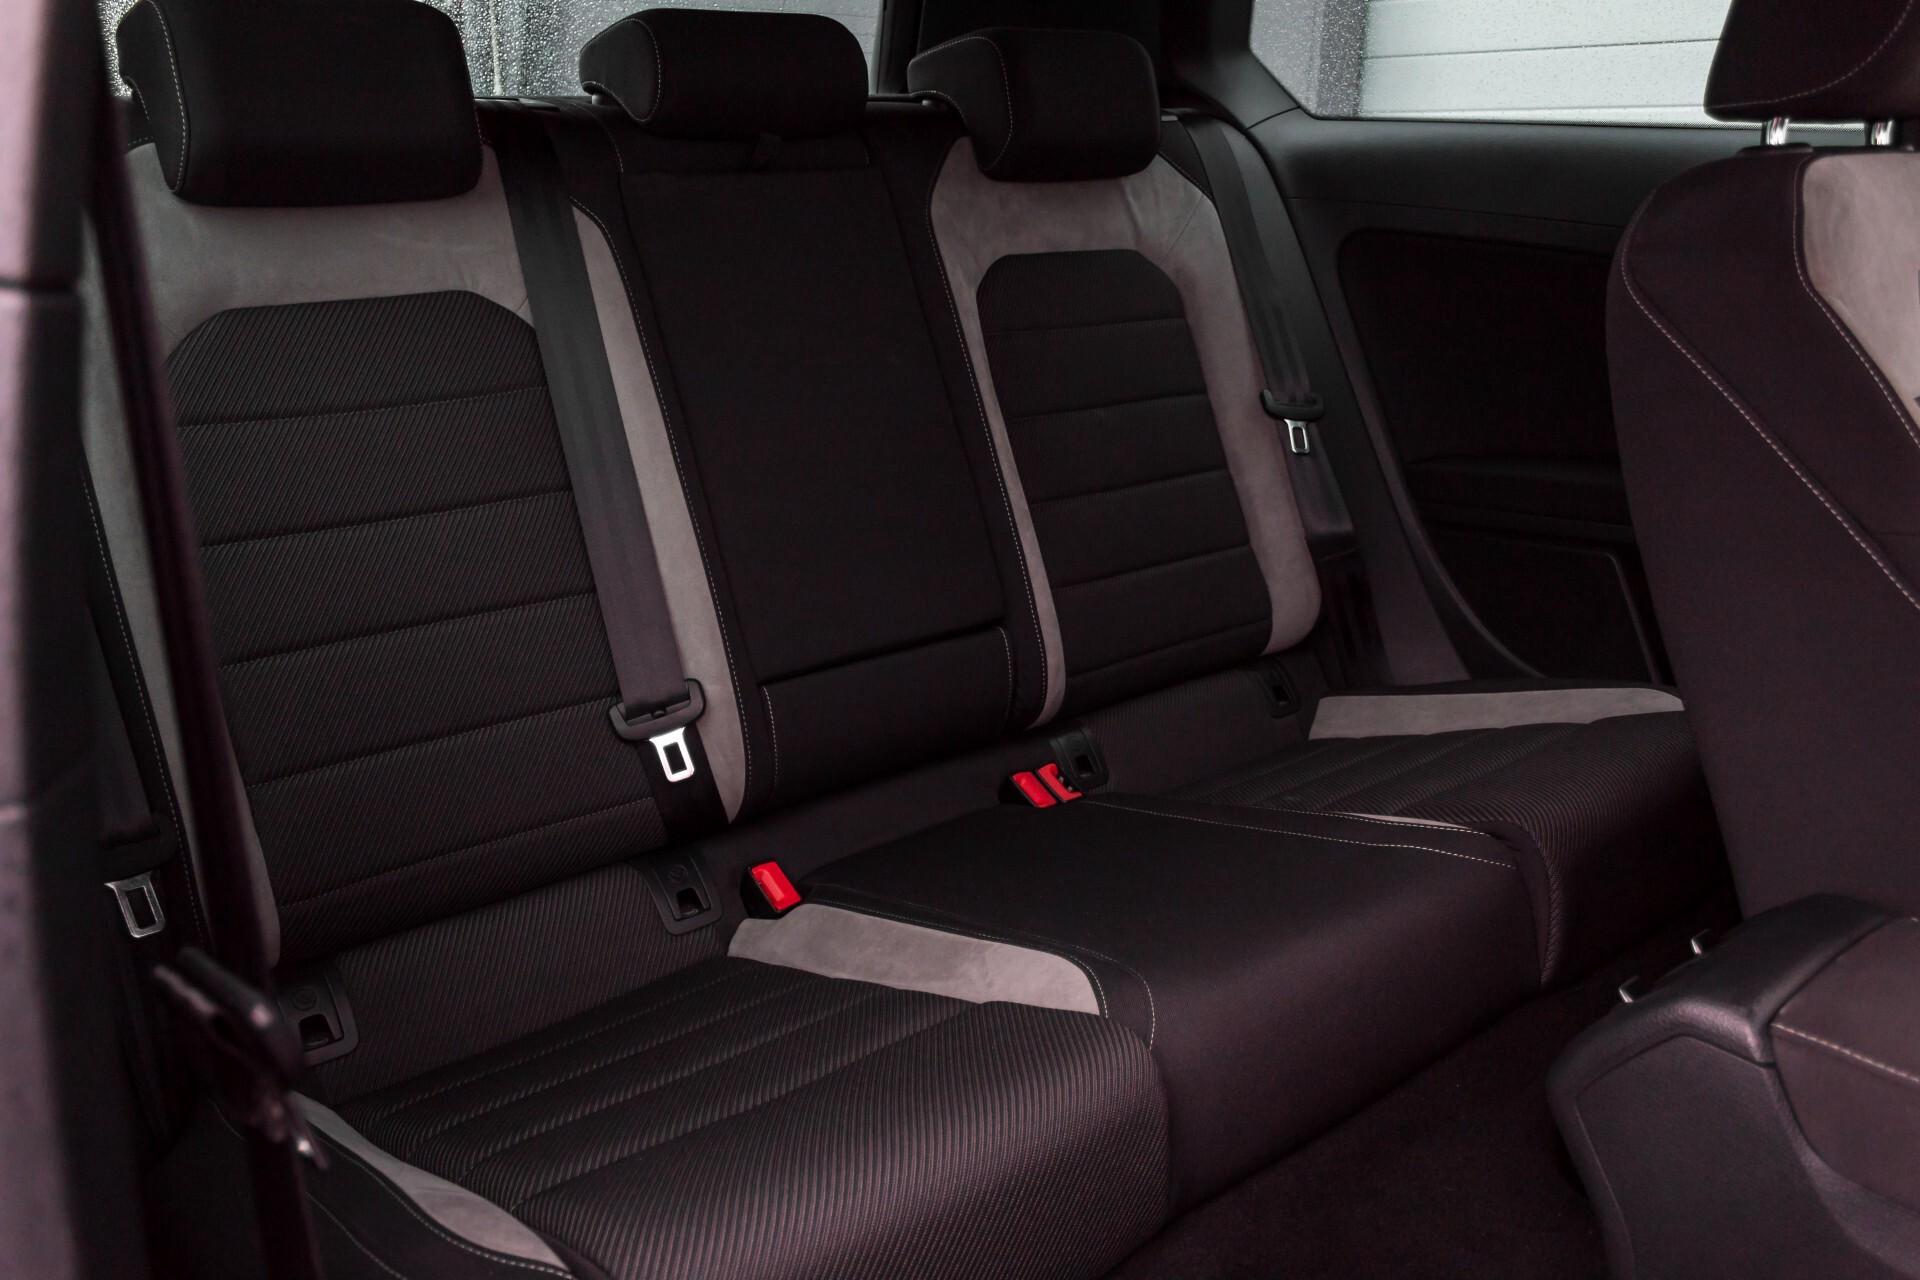 """Volkswagen Golf 2.0 TSI R 4Motion 300 pk Executive Plus/Keyless/DAB/19"""" Foto 4"""